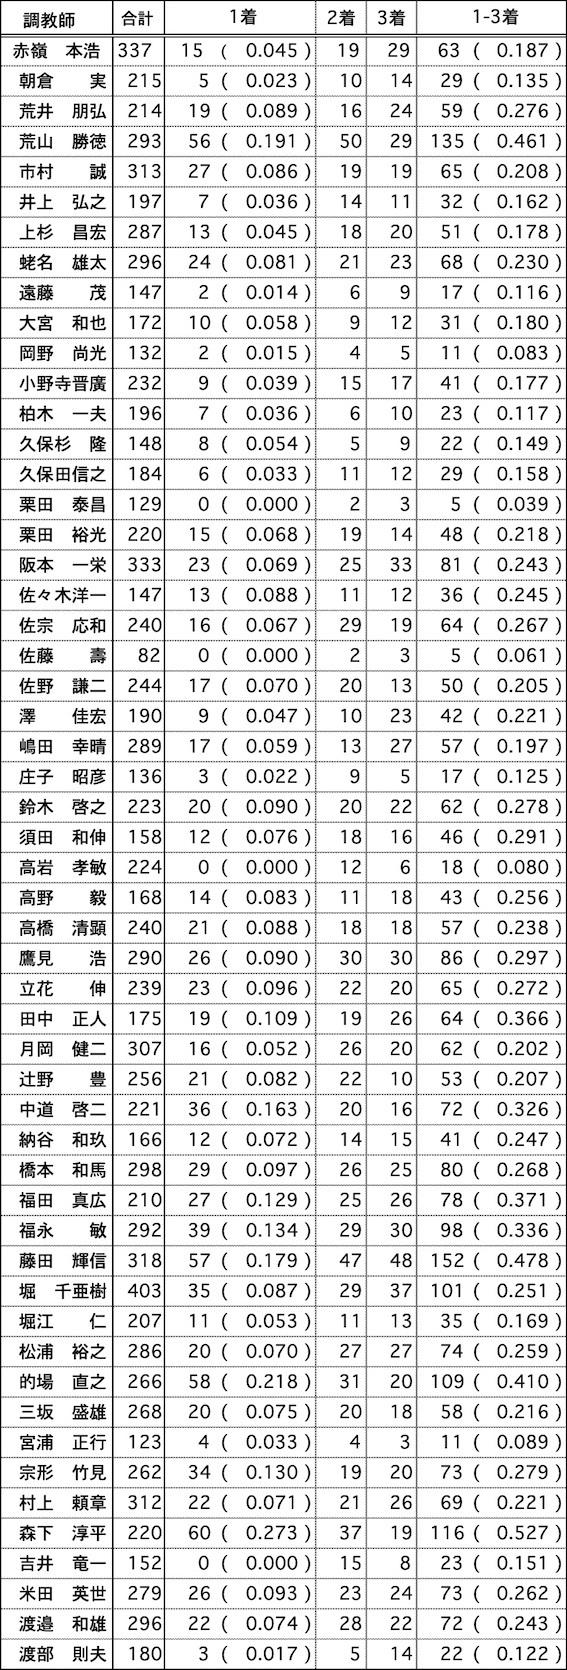 調教師データ01